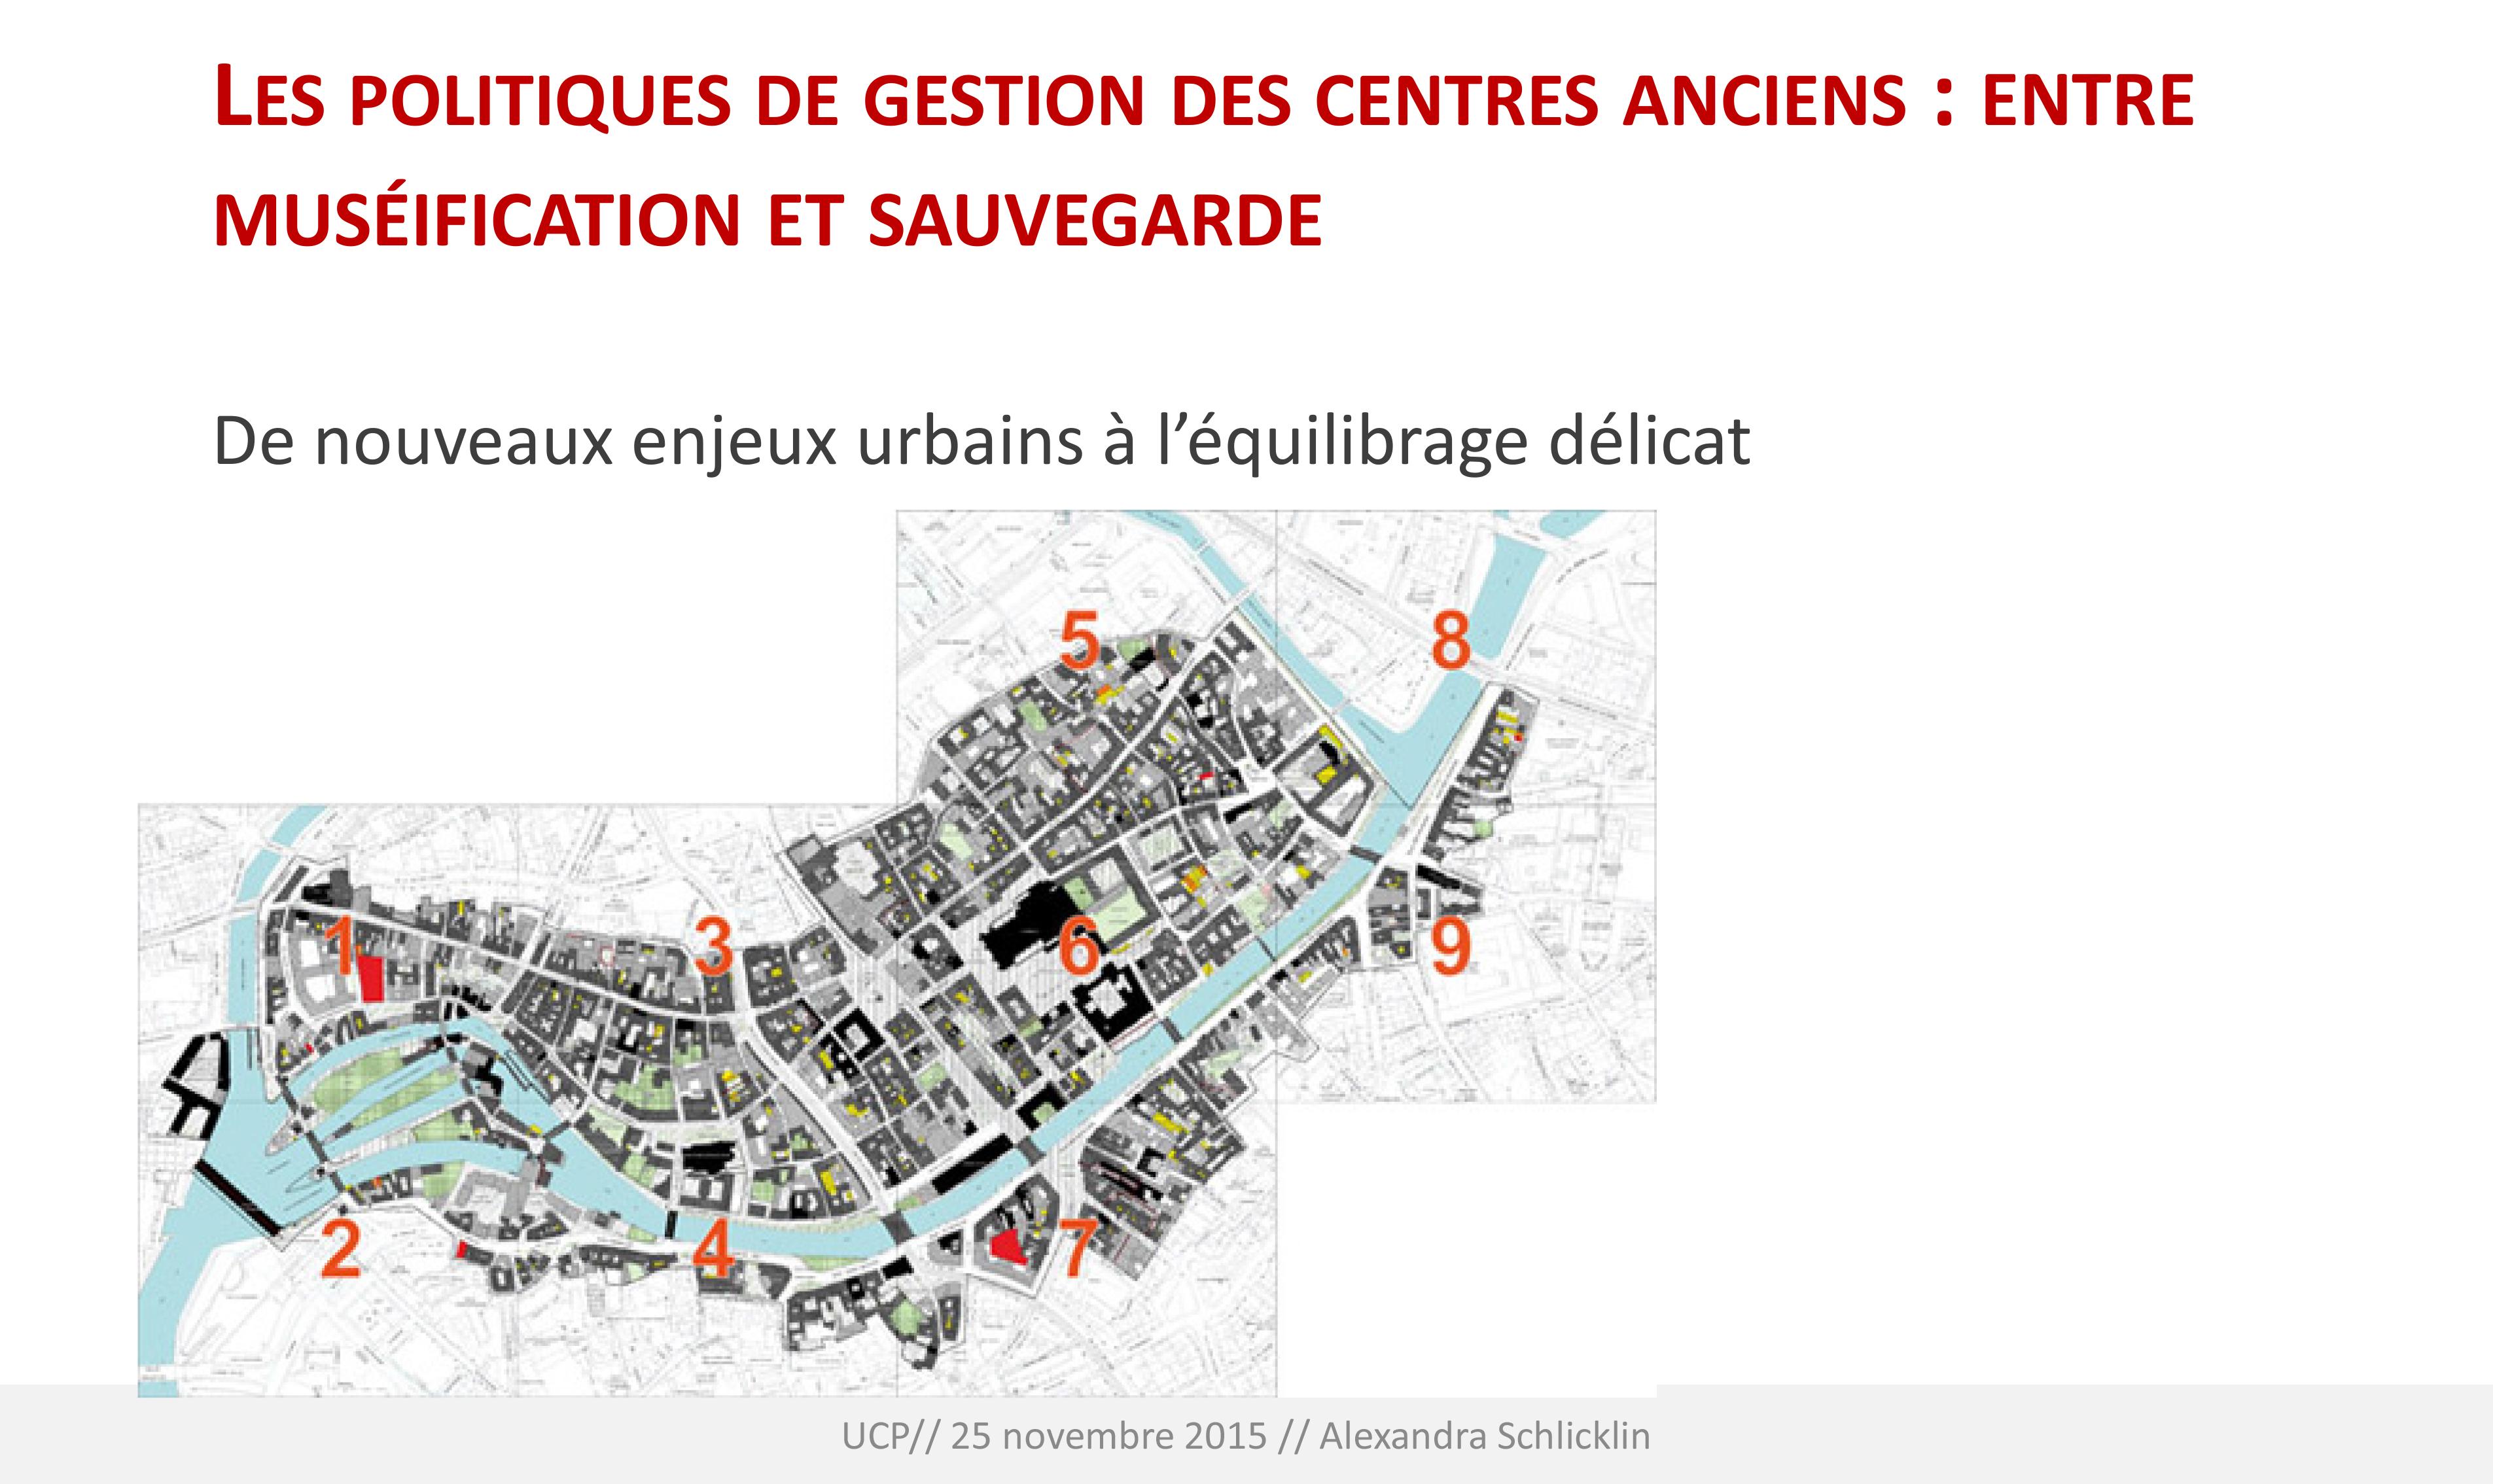 Les politiques de gestion des centres anciens des villes : entre